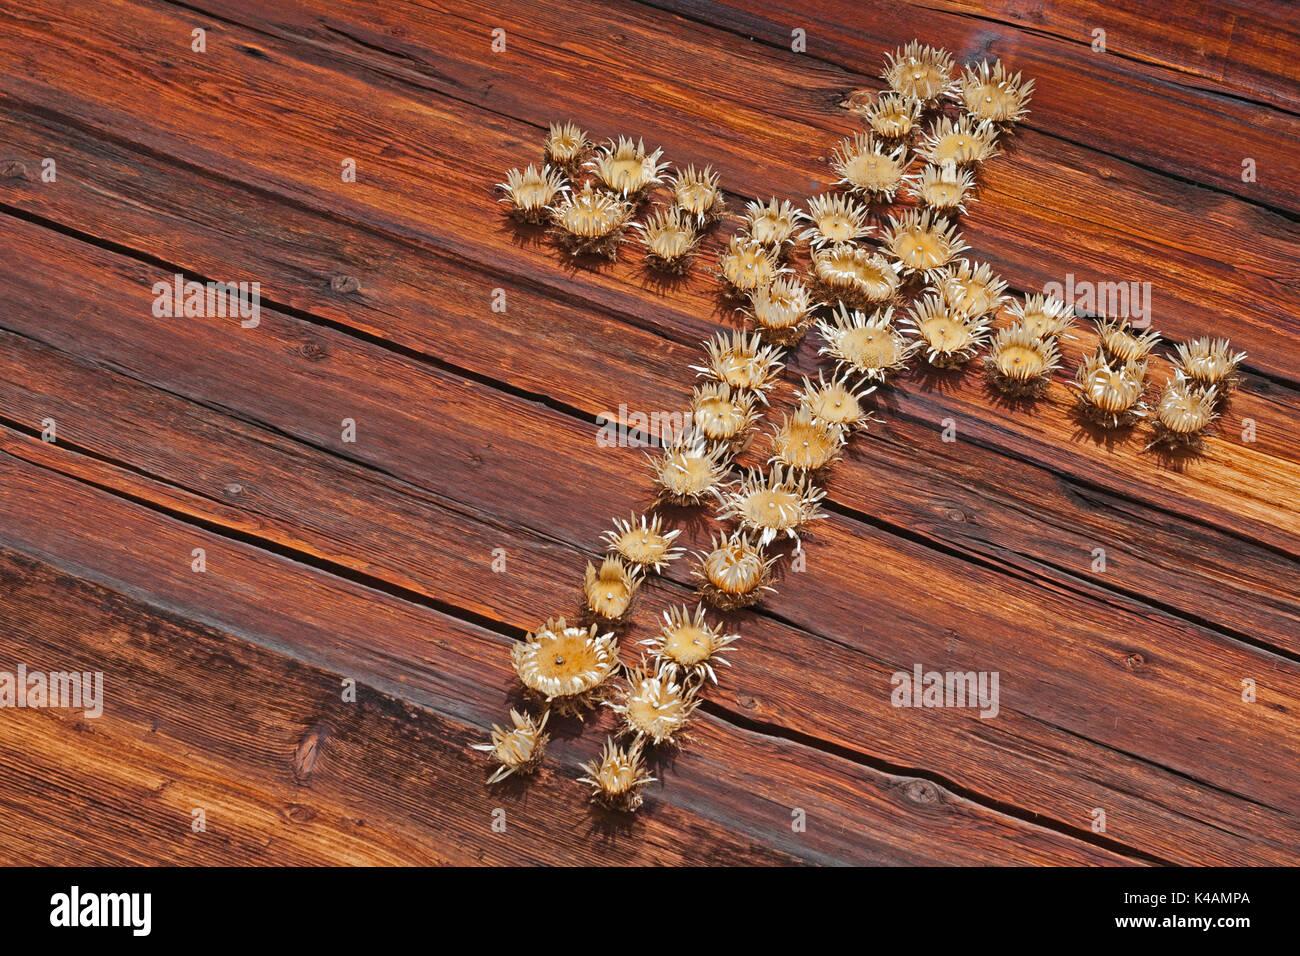 Kreuz Aus Silberdisteln Gefertigt - Stock Image